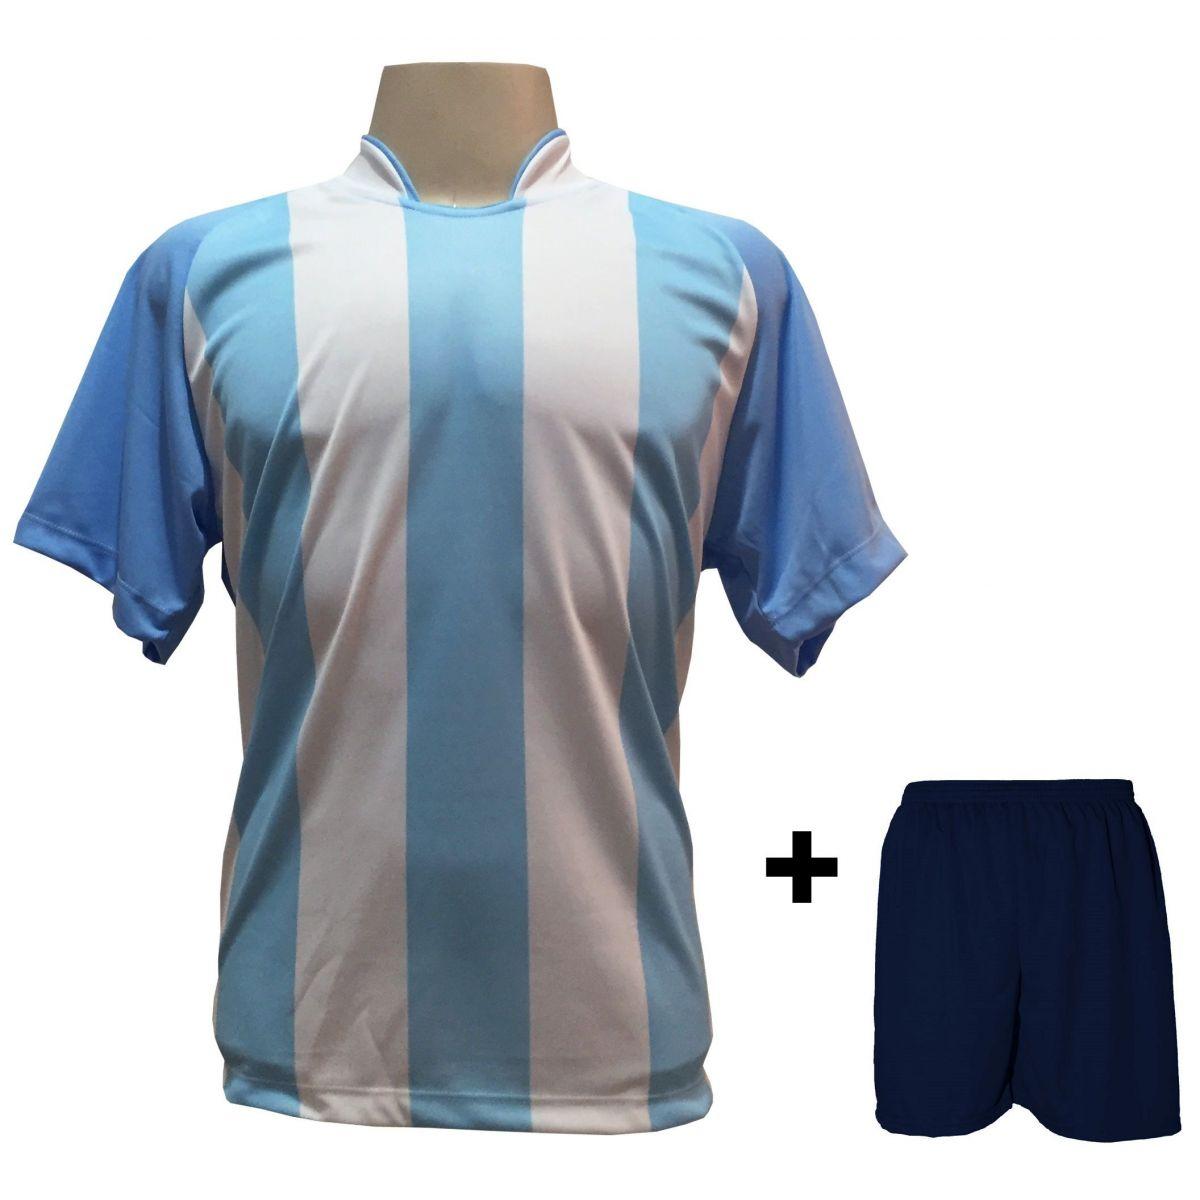 4a087564ff Uniforme Esportivo com 18 camisas modelo Milan Celeste Branco + 18 calções  modelo Madrid Marinho + Brindes